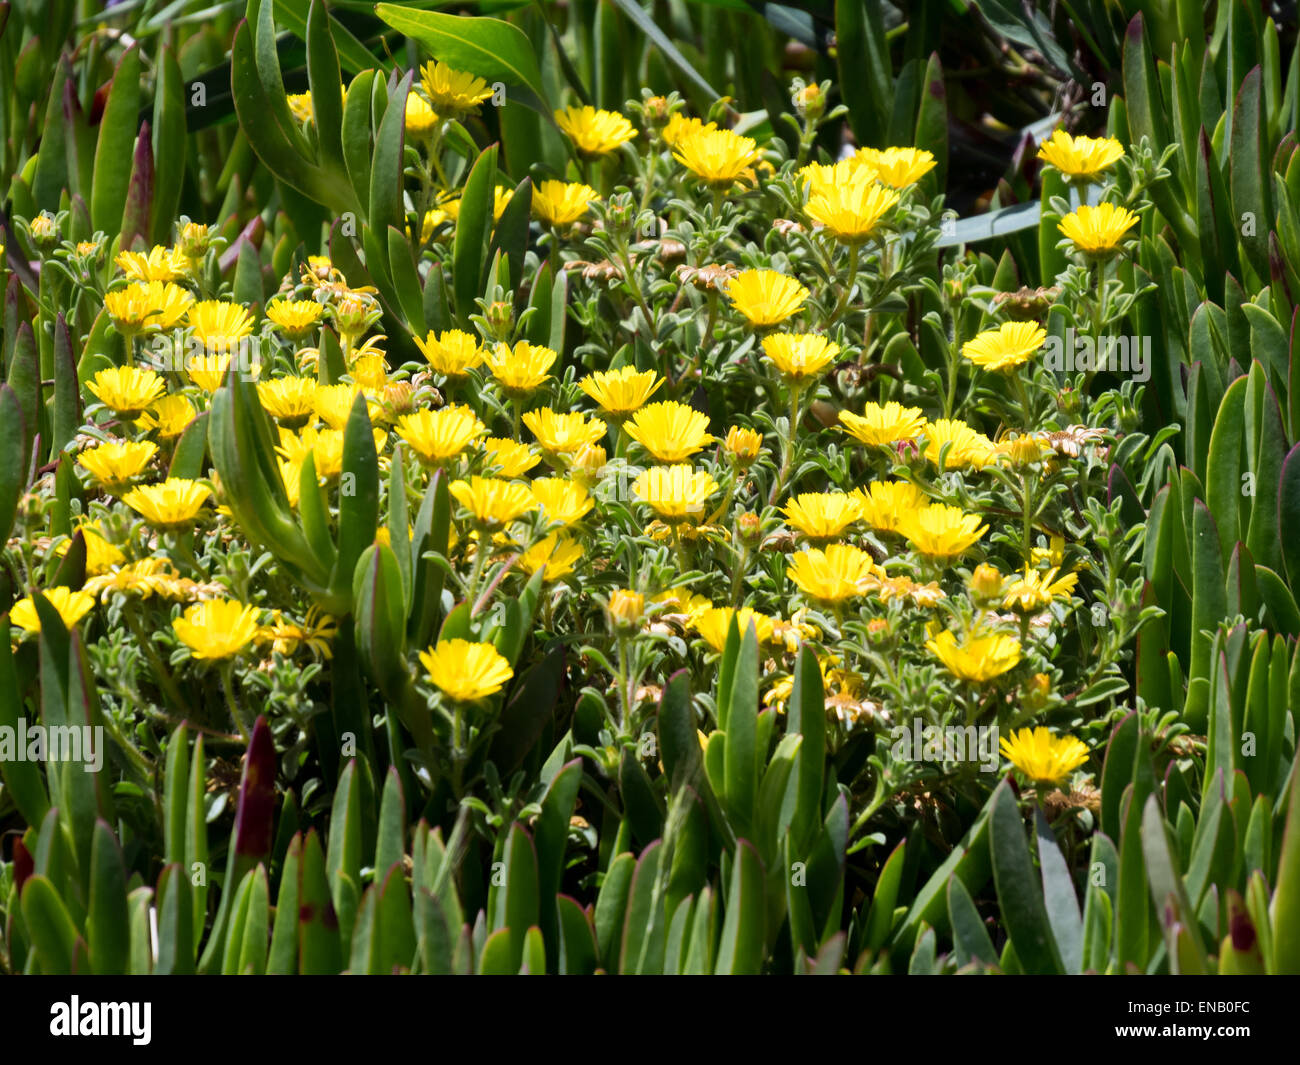 Gold Coin, Mediterranean Beach Daisy (Asteriscus maritimus, Bubonium maritimum) - Stock Image